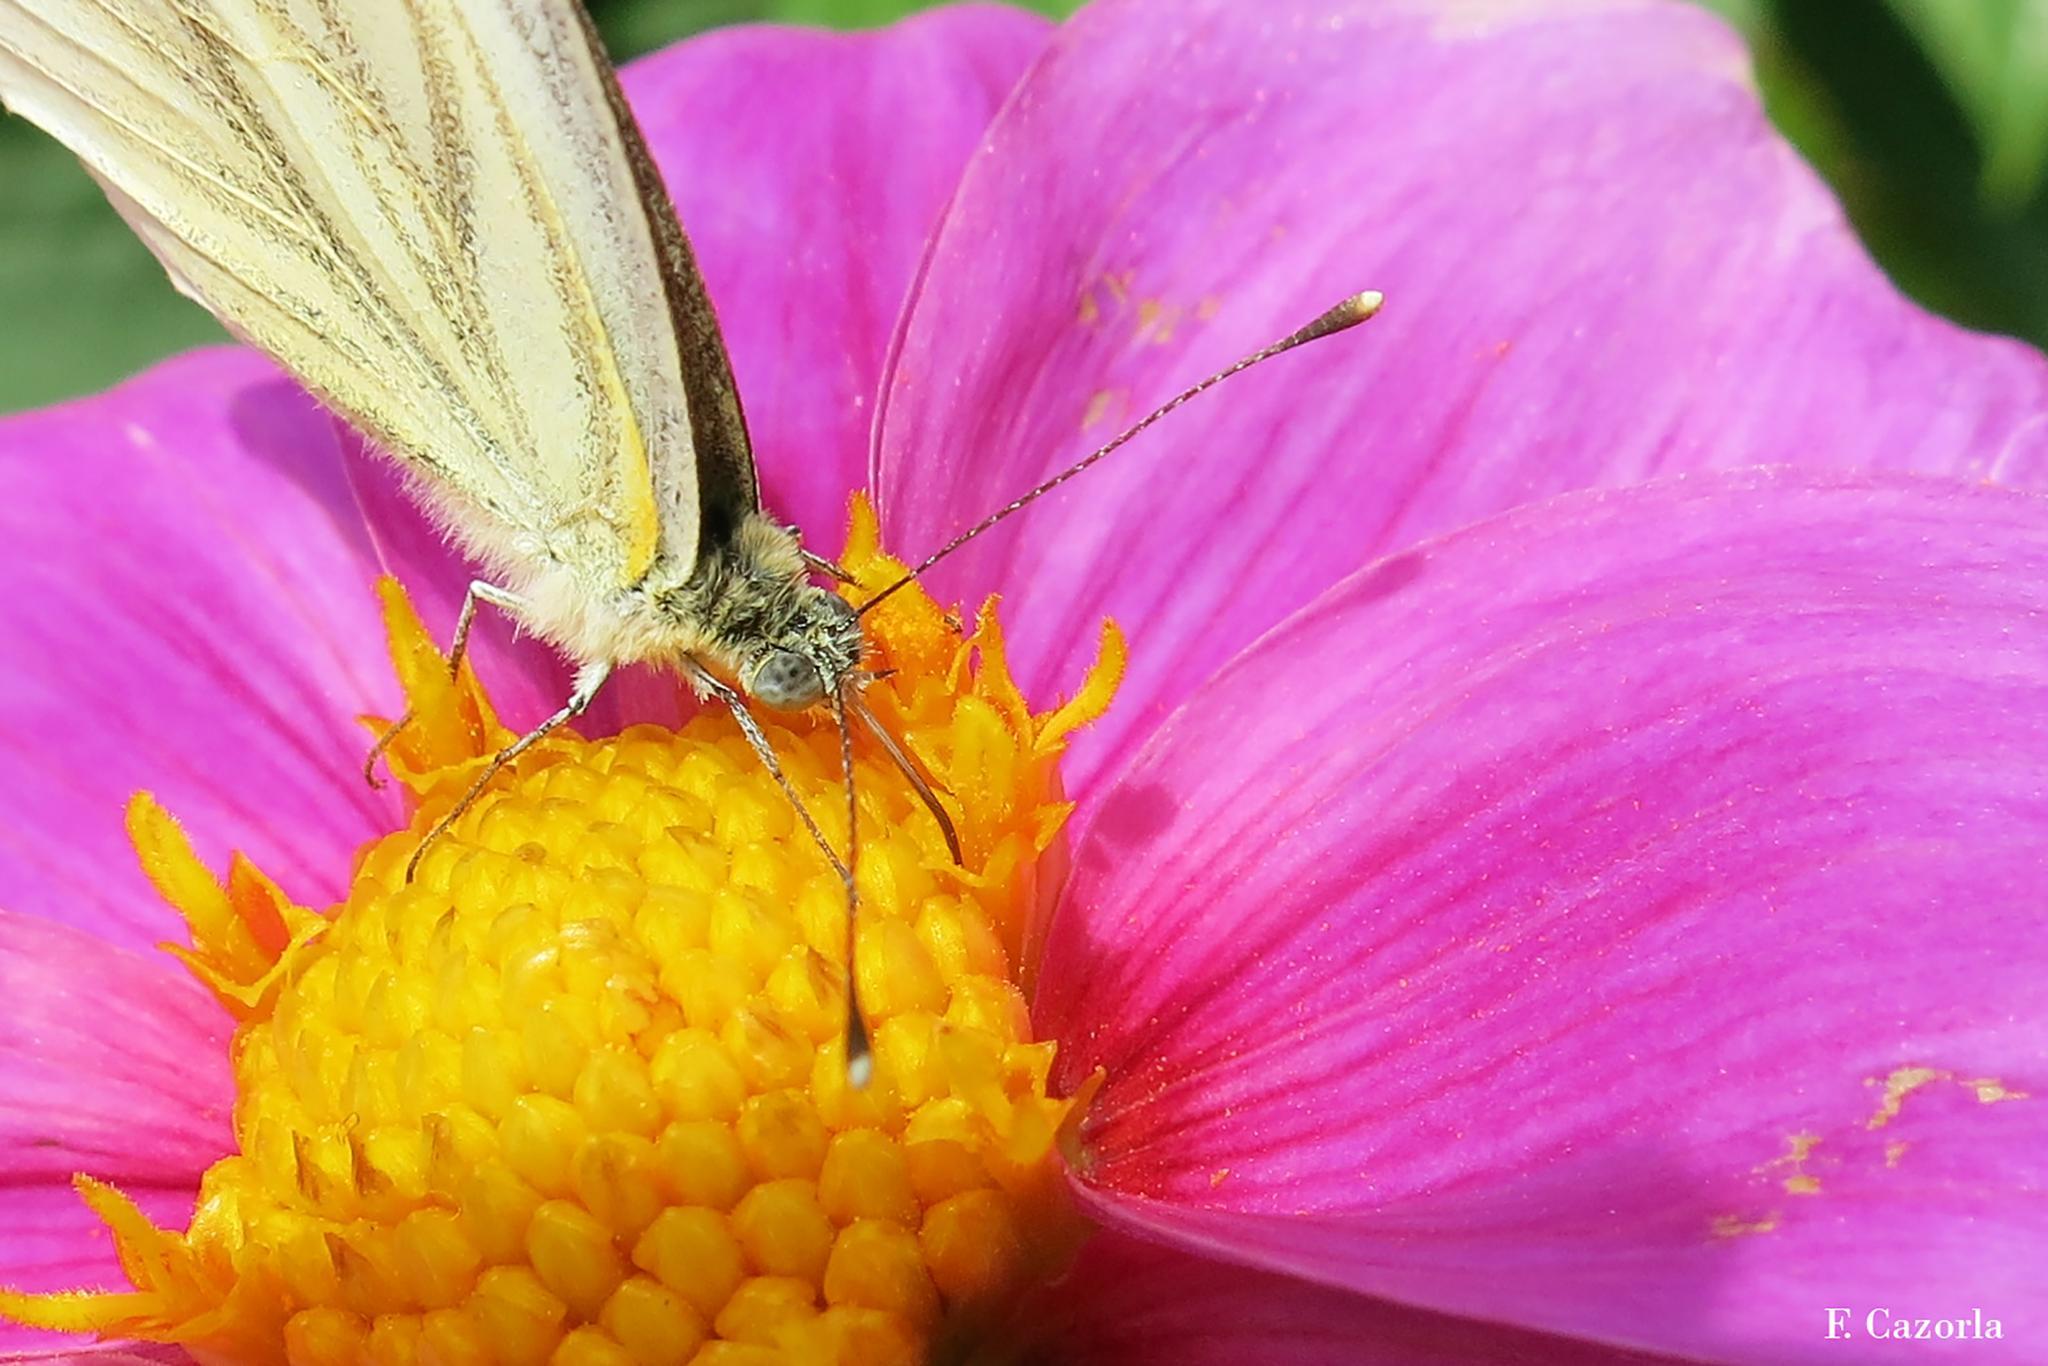 Mariposa libando polen by Félix Cazorla